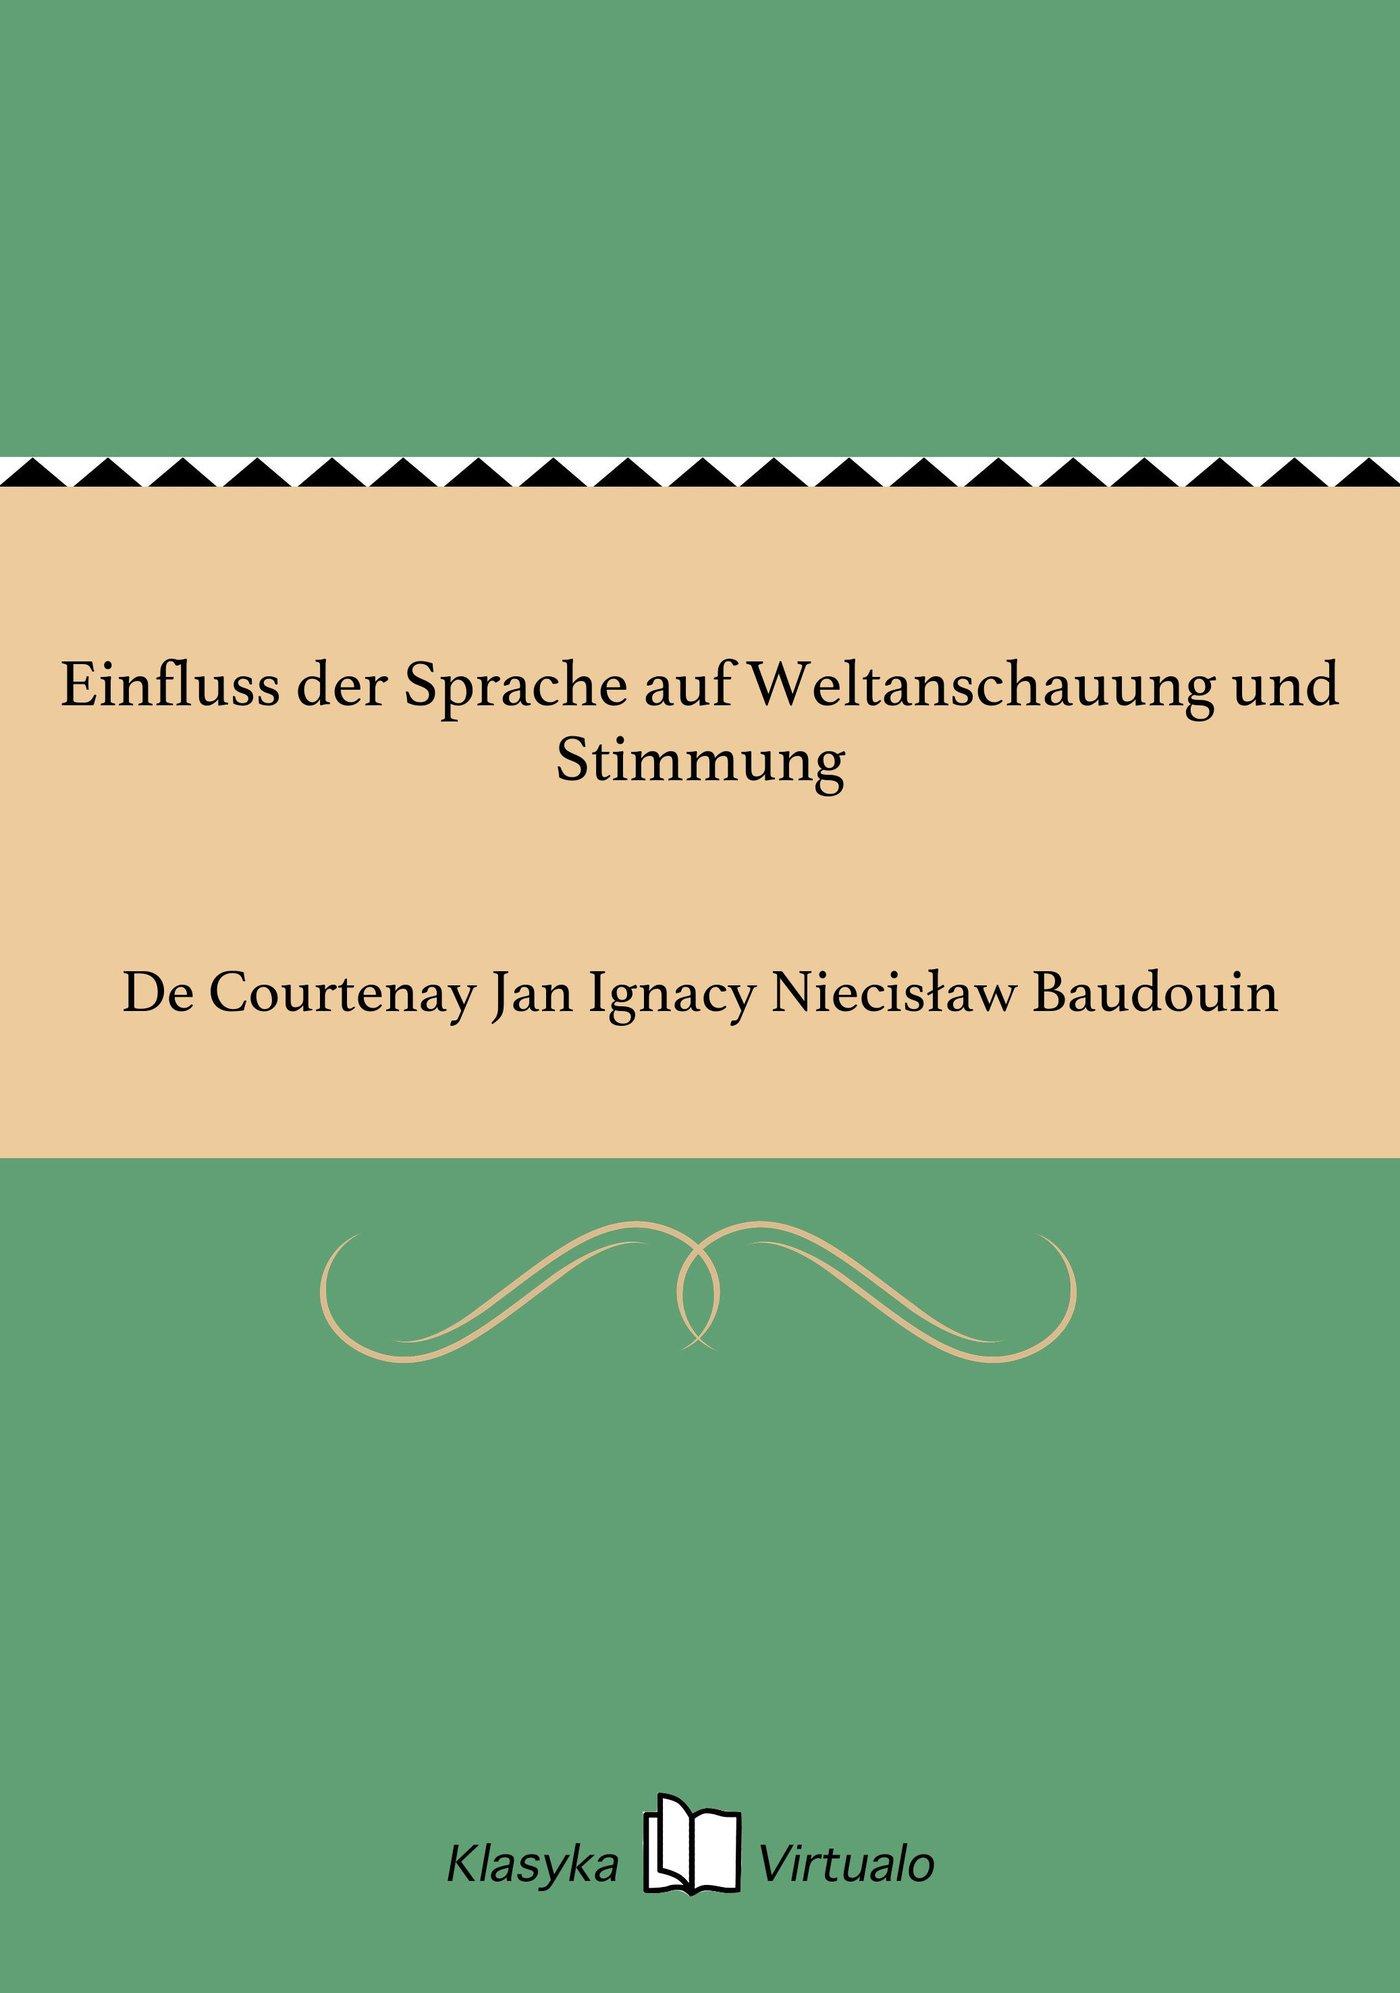 Einfluss der Sprache auf Weltanschauung und Stimmung - Ebook (Książka EPUB) do pobrania w formacie EPUB